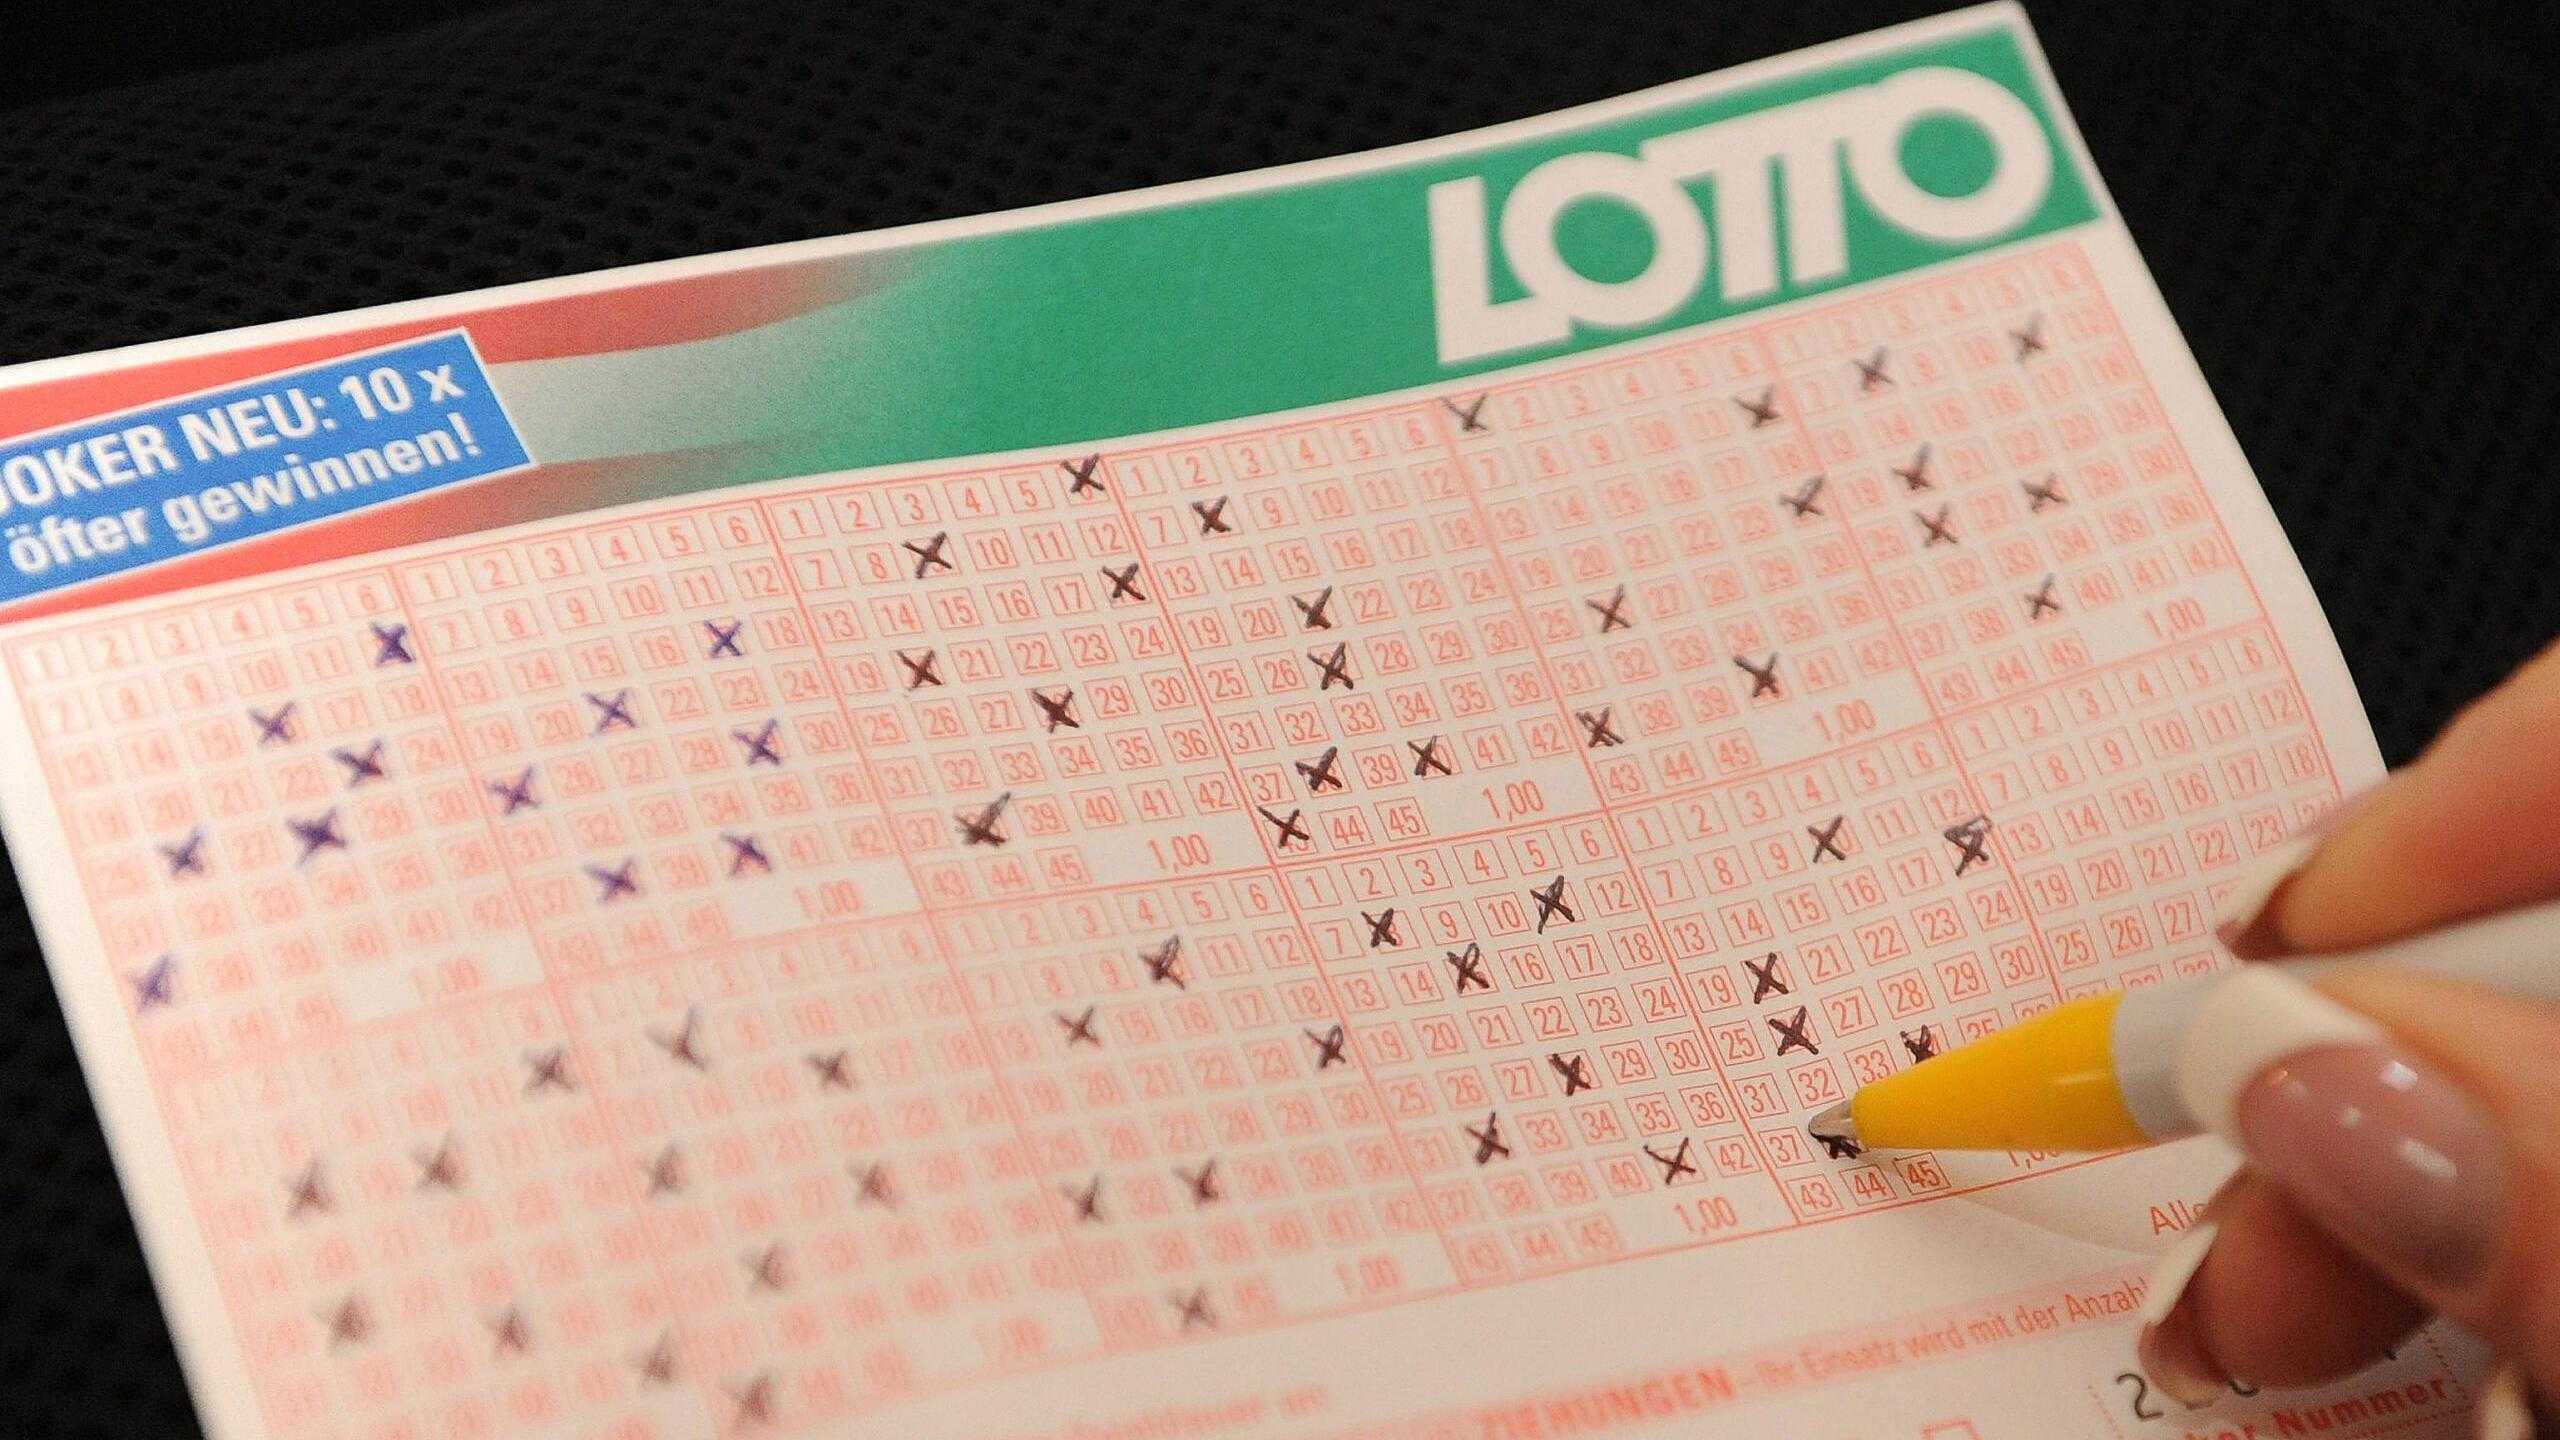 Lotto austria (lotto 6 aus 45) — правила игры + инструкция: как играть из россии